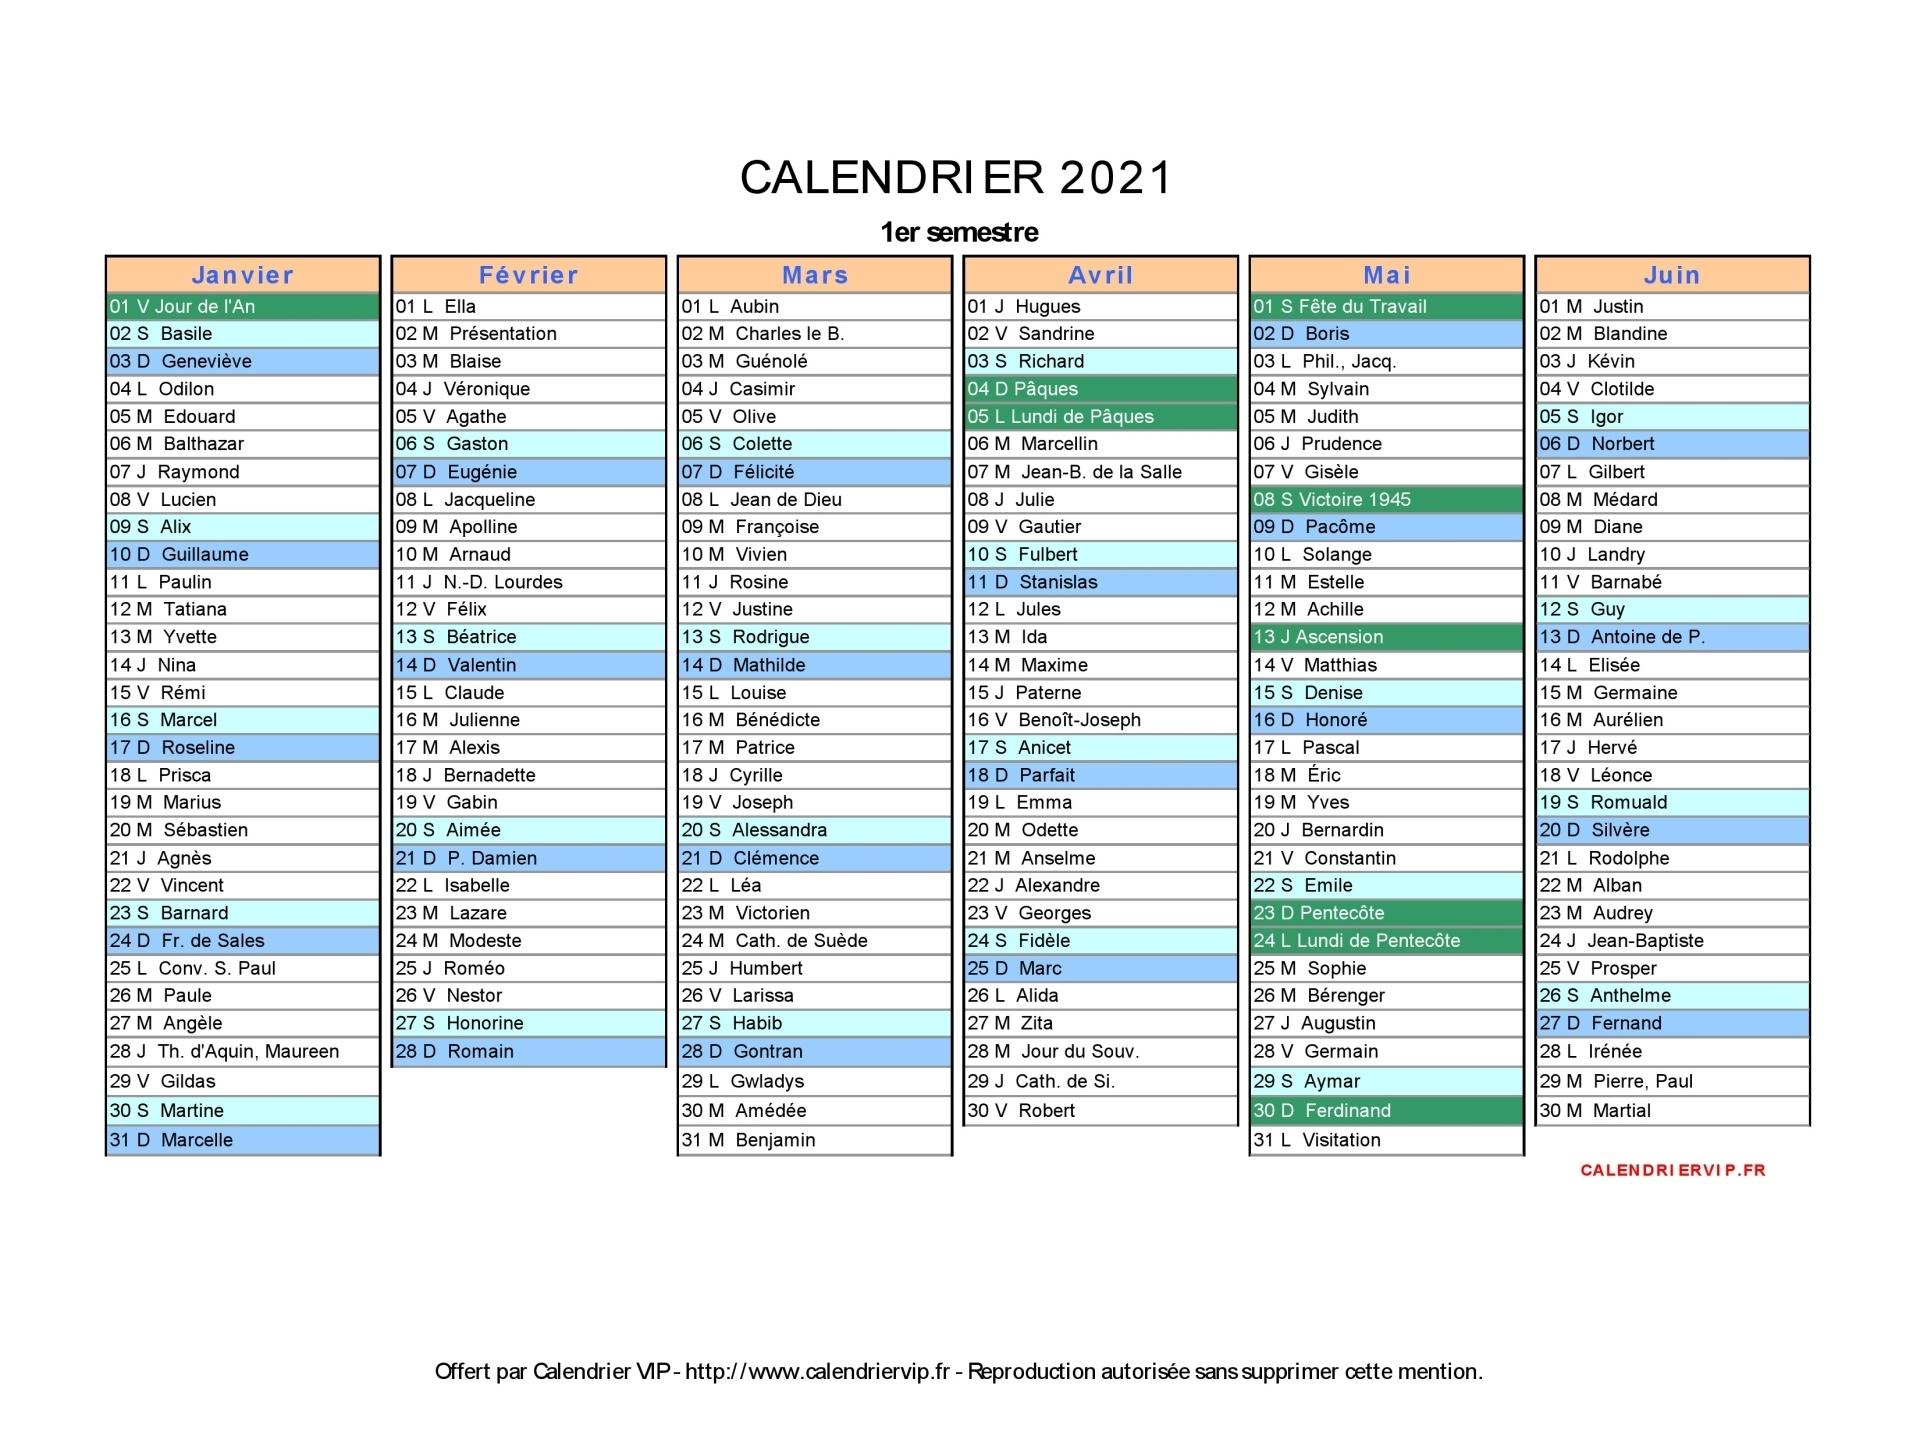 Calendrier 2021 Imprimer Gratuit Calendrier 2021 à imprimer gratuit en PDF et Excel